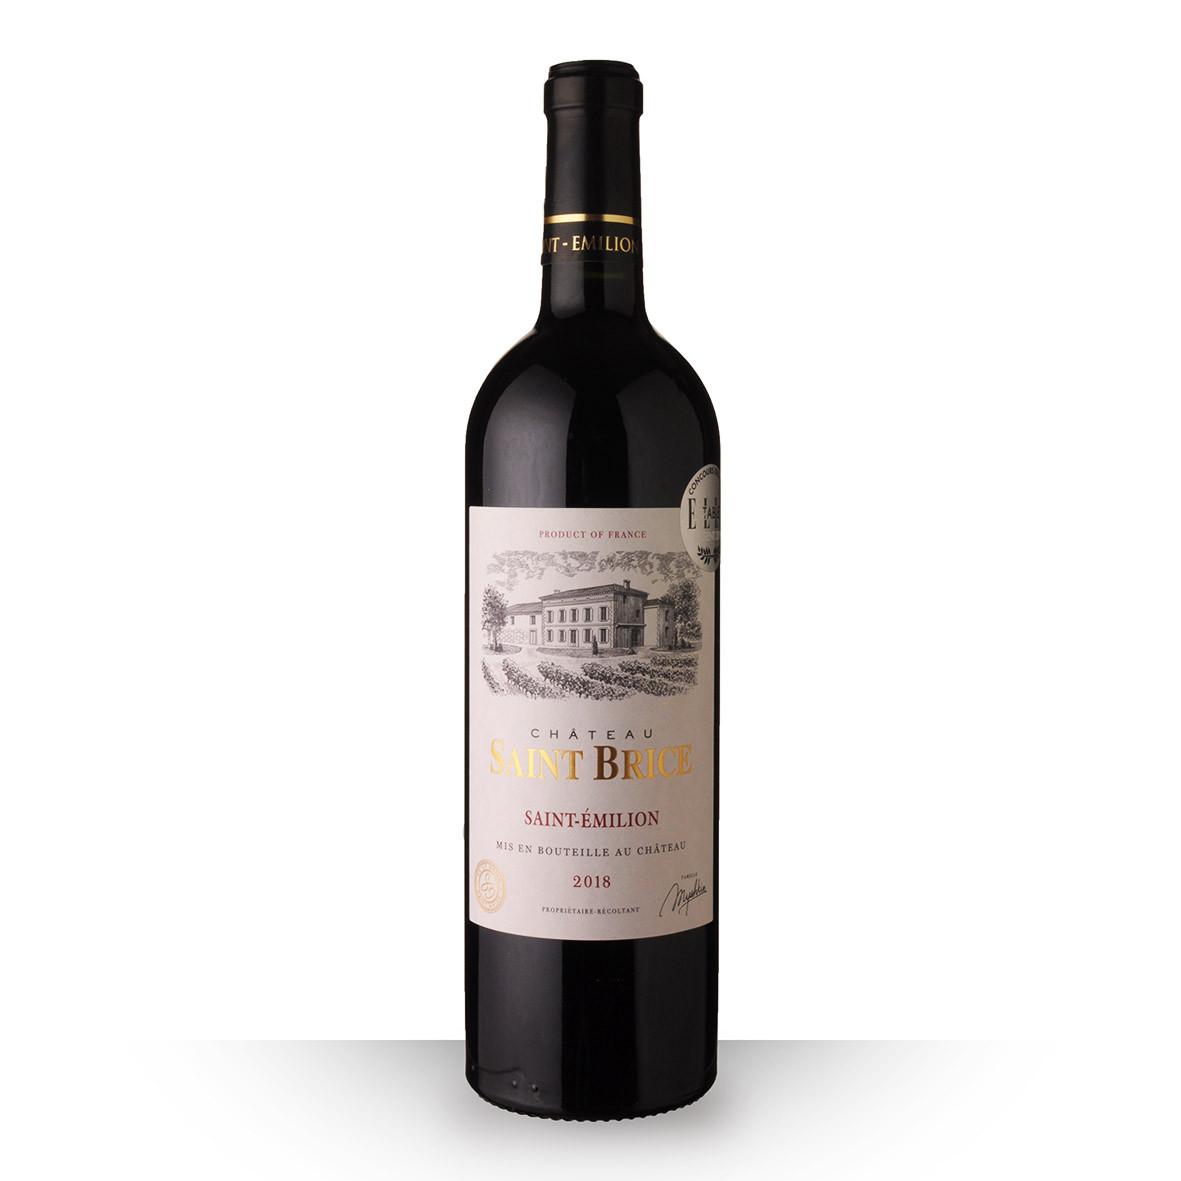 Château Saint-Brice Saint-Emilion Rouge 2018 75cl www.odyssee-vins.com